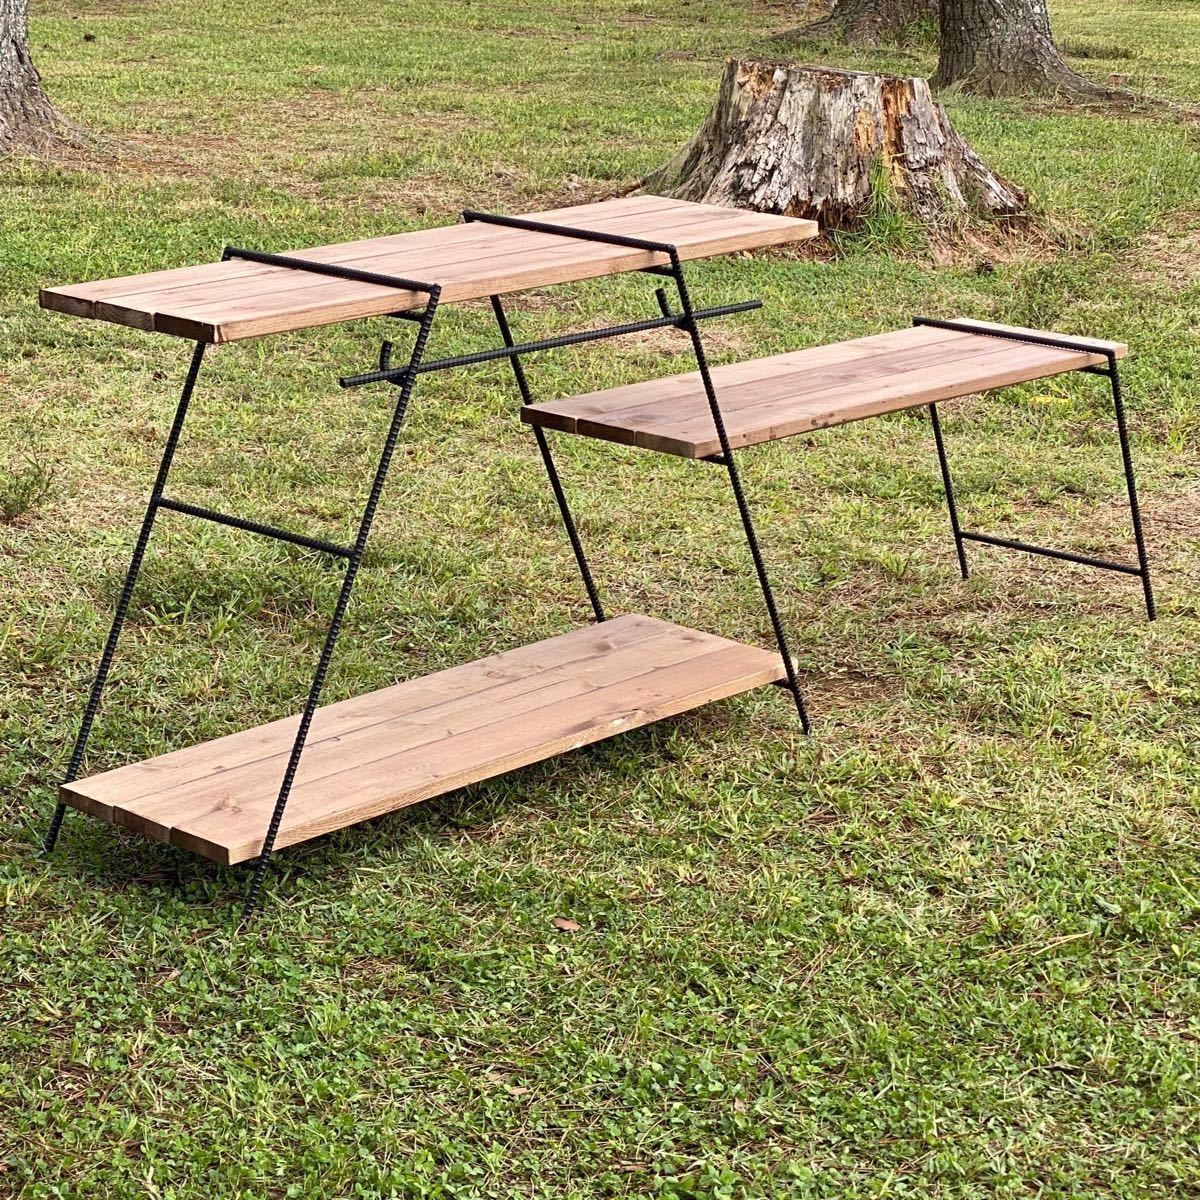 アイアンラック ワイドタイプ フック棒付き 鉄脚のみ アイアンレッグ キャンプテーブル